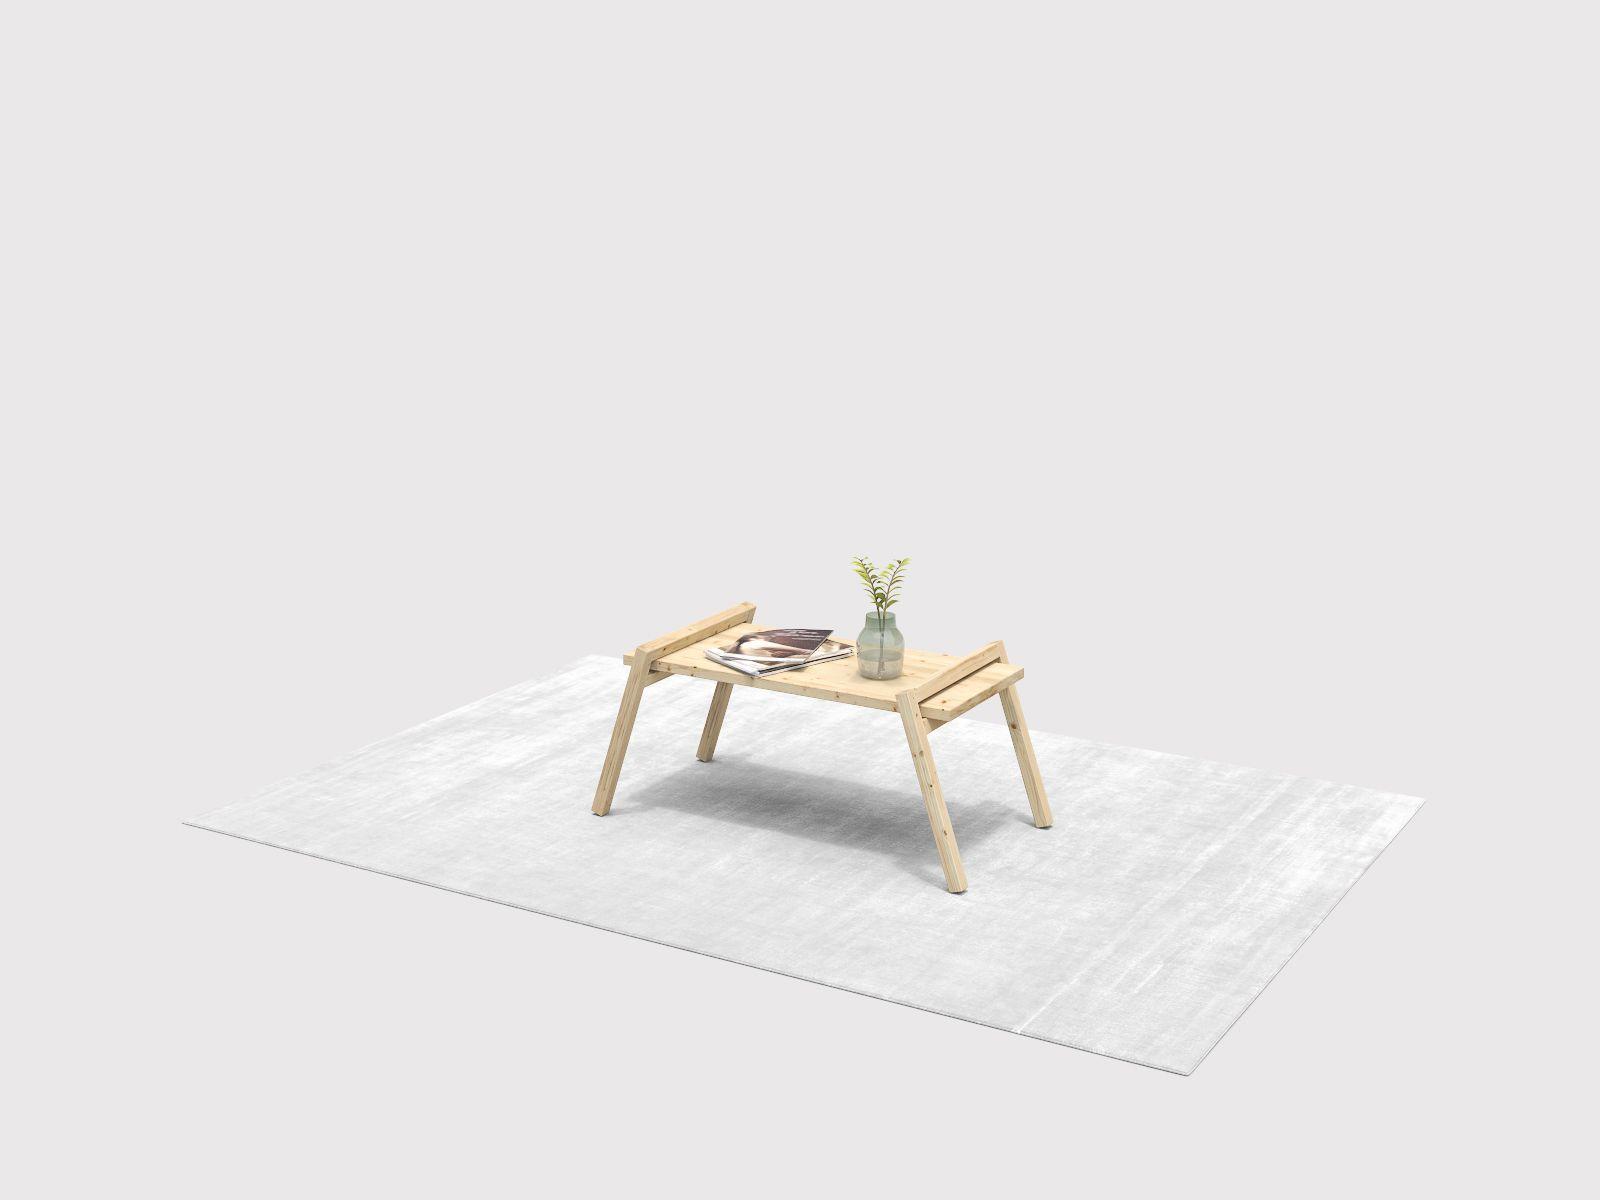 Couchtisch Phillip Selber Bauen Create By Obi Deko Couch Canape Sofa In 2020 Couchtisch Tisch Tisch Selber Bauen